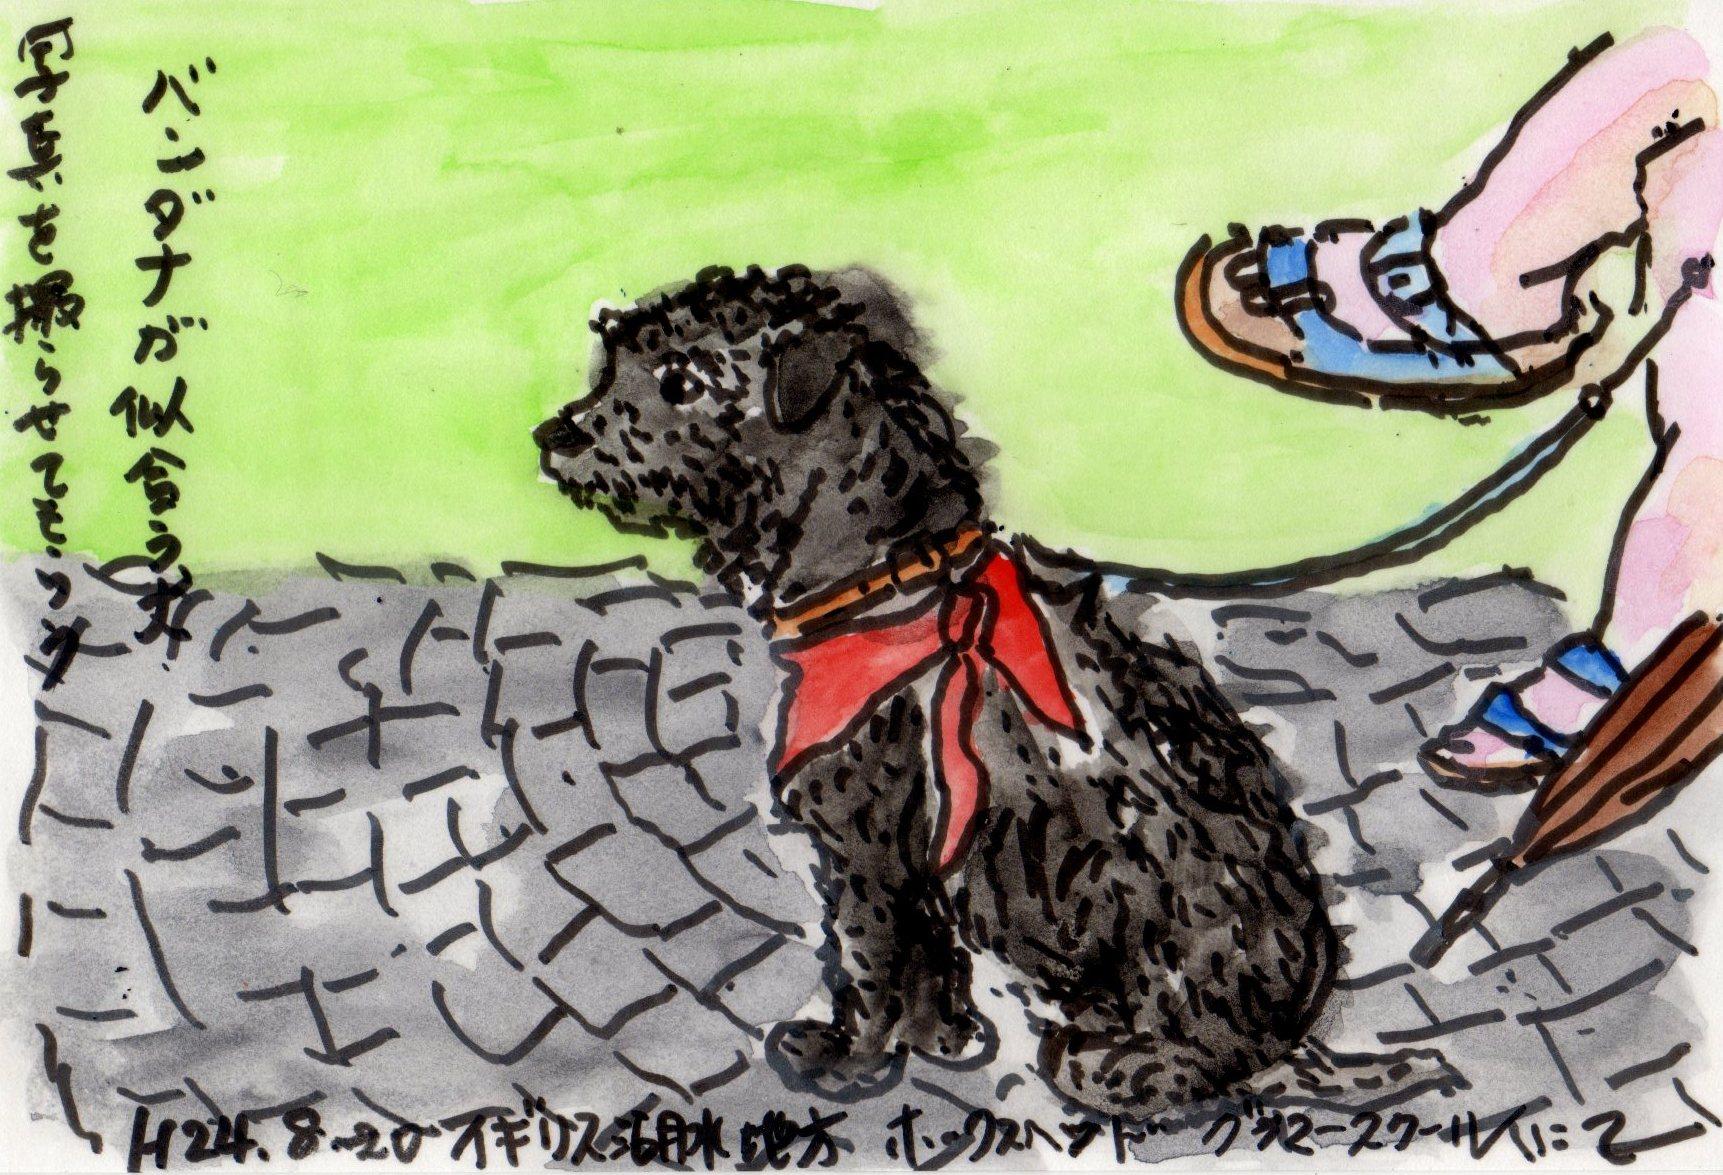 バンダナの似合う黒い犬_e0232277_10475324.jpg